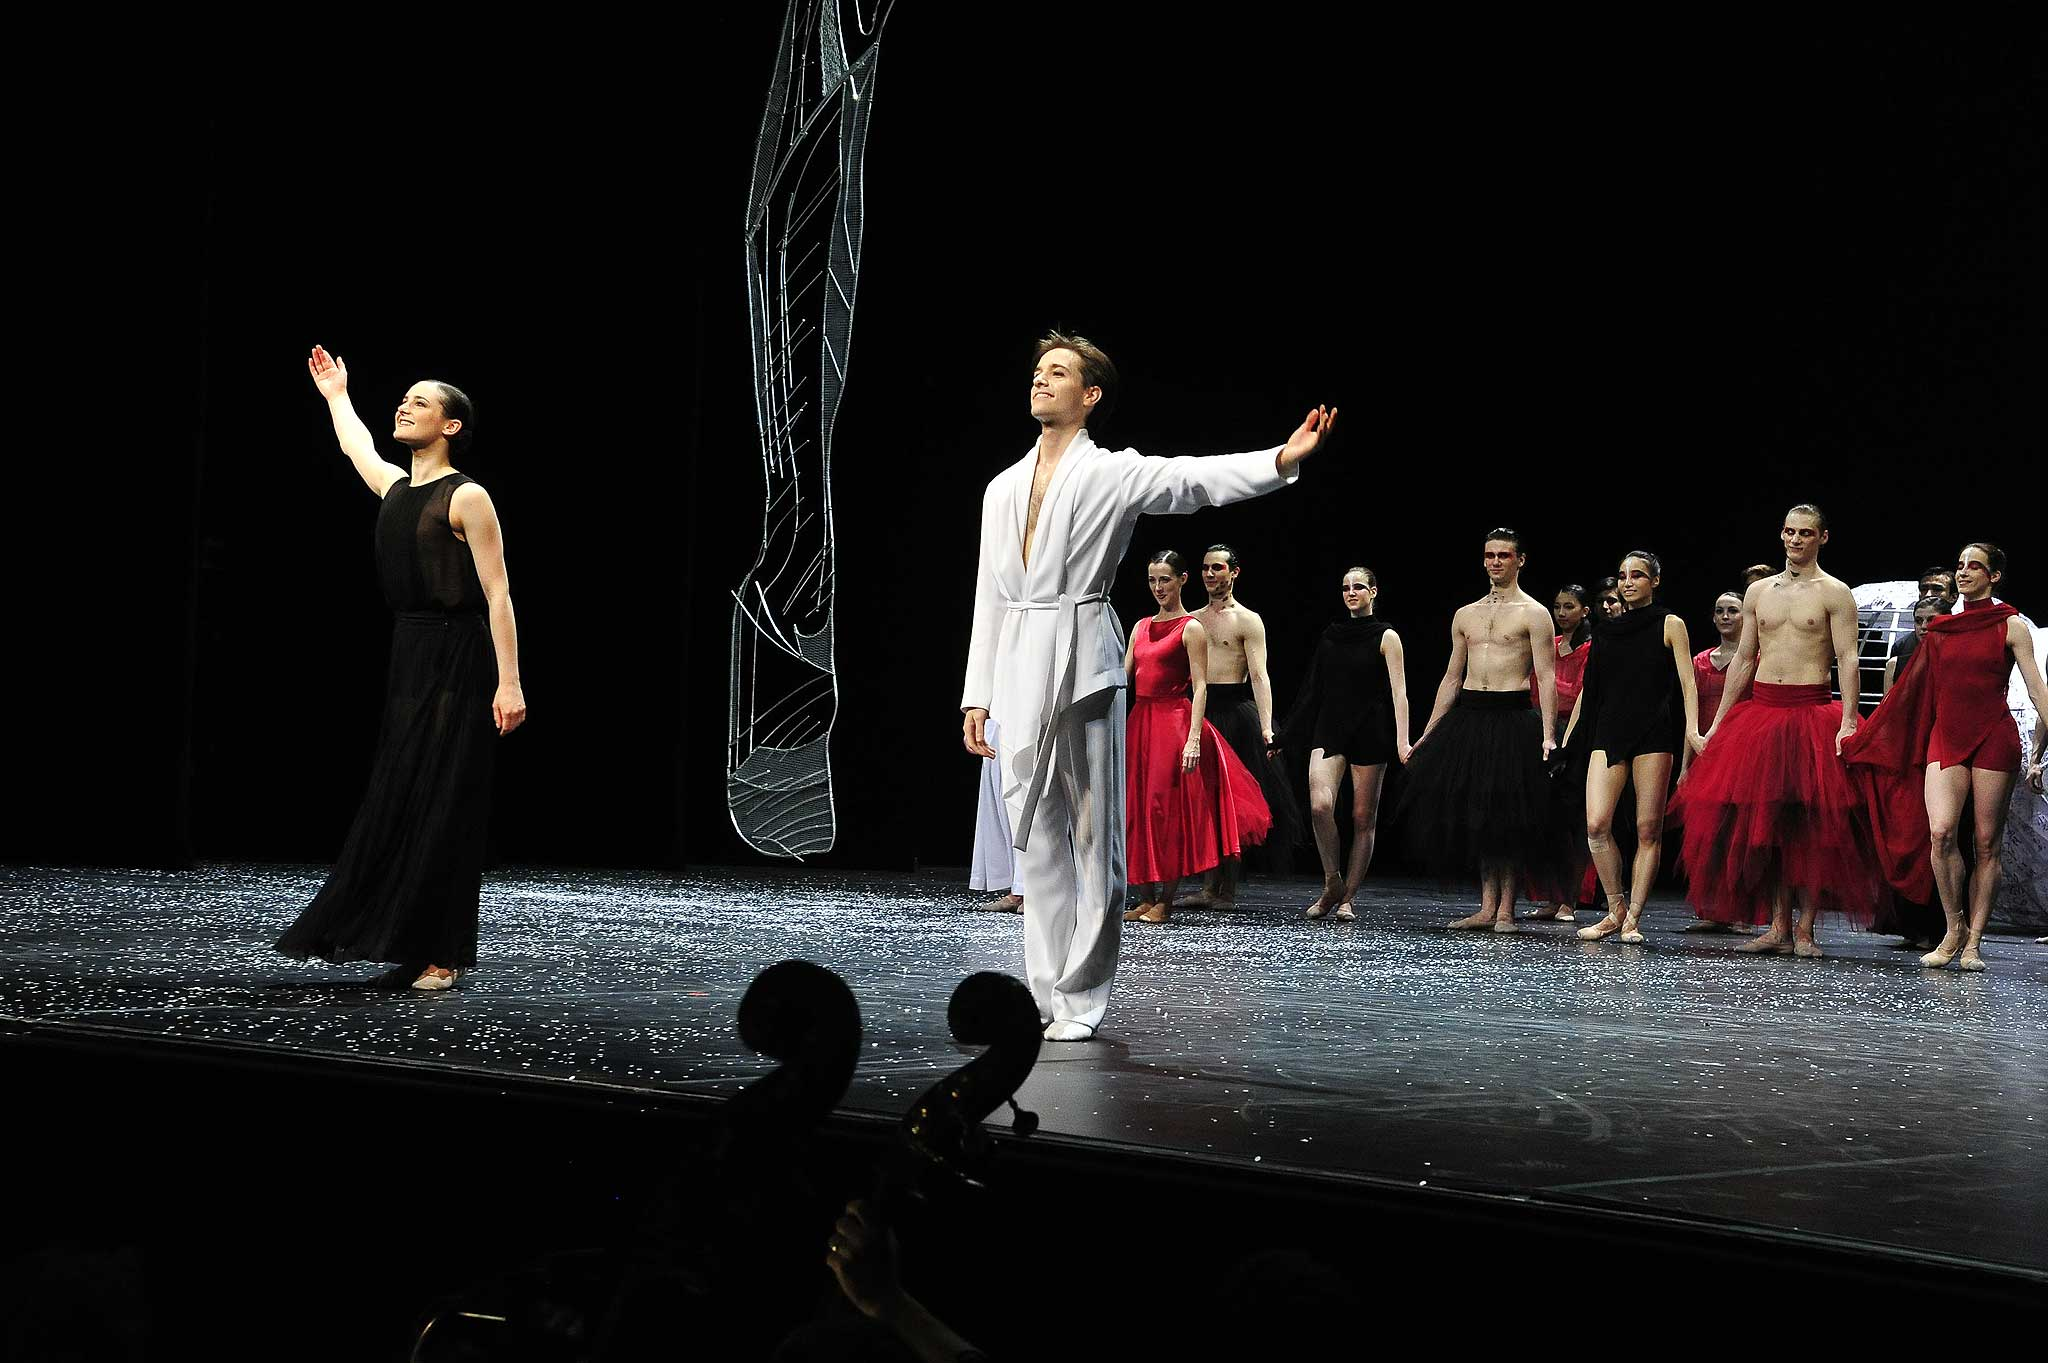 """Ballet """"Renku"""" nach einer japanischen Gedichtsform. Kostüme: Michael Court, Choreografie und Bühnebild: Orkan Dann und Yuka Oishi."""